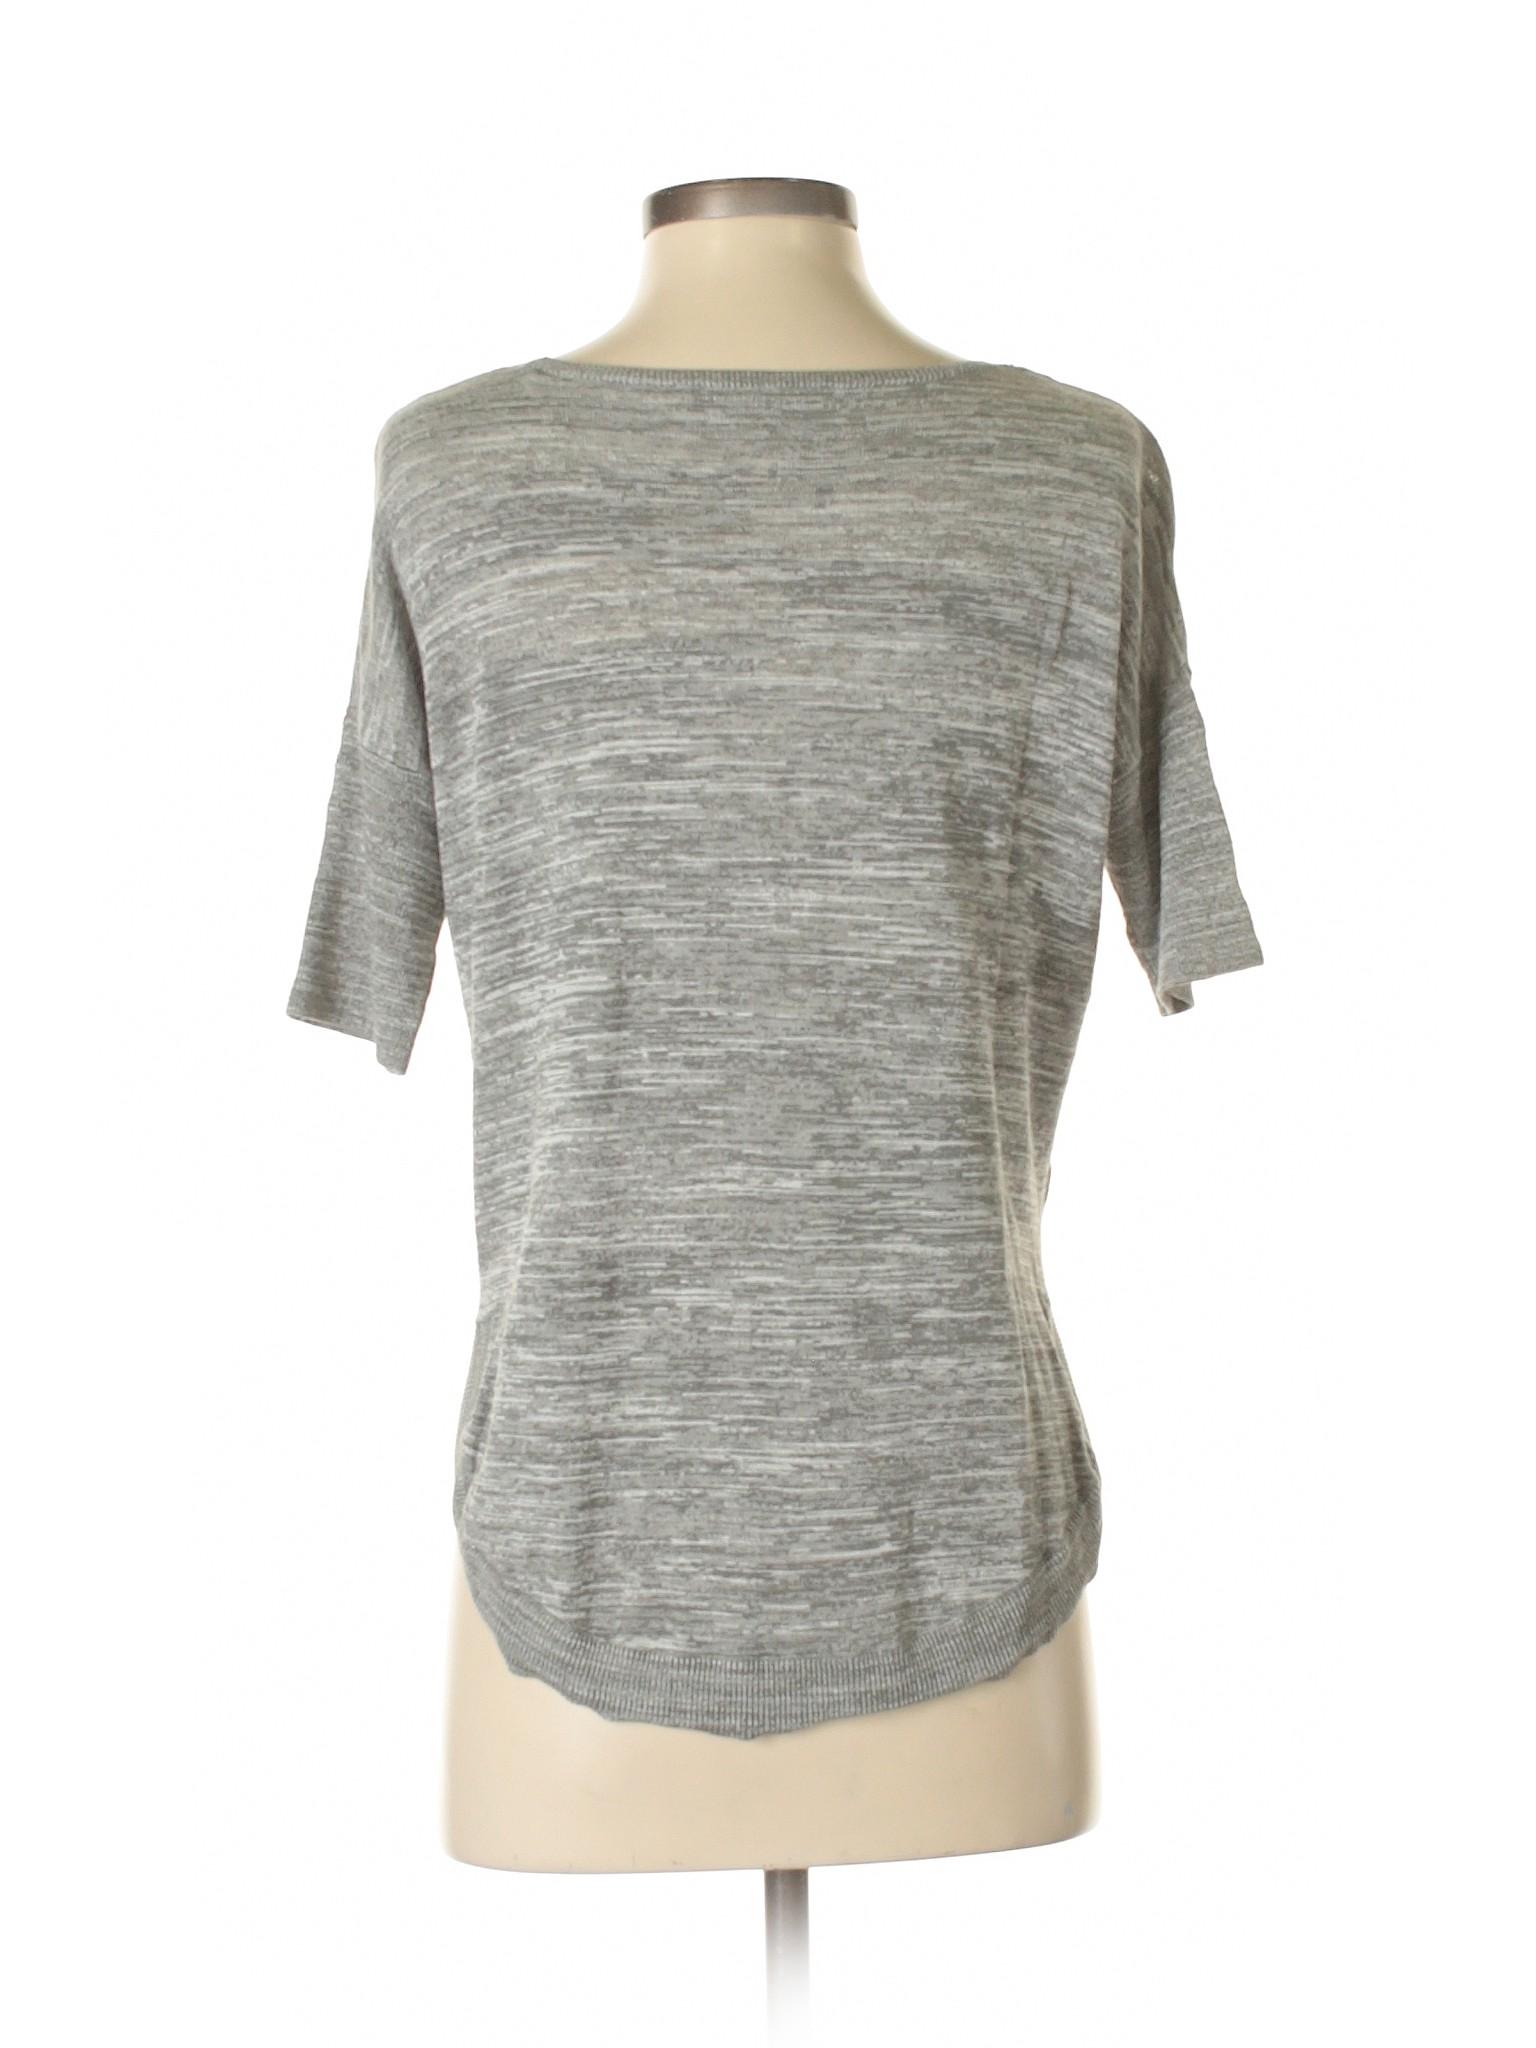 Ann Taylor LOFT Boutique Sweater Pullover 5da5PW